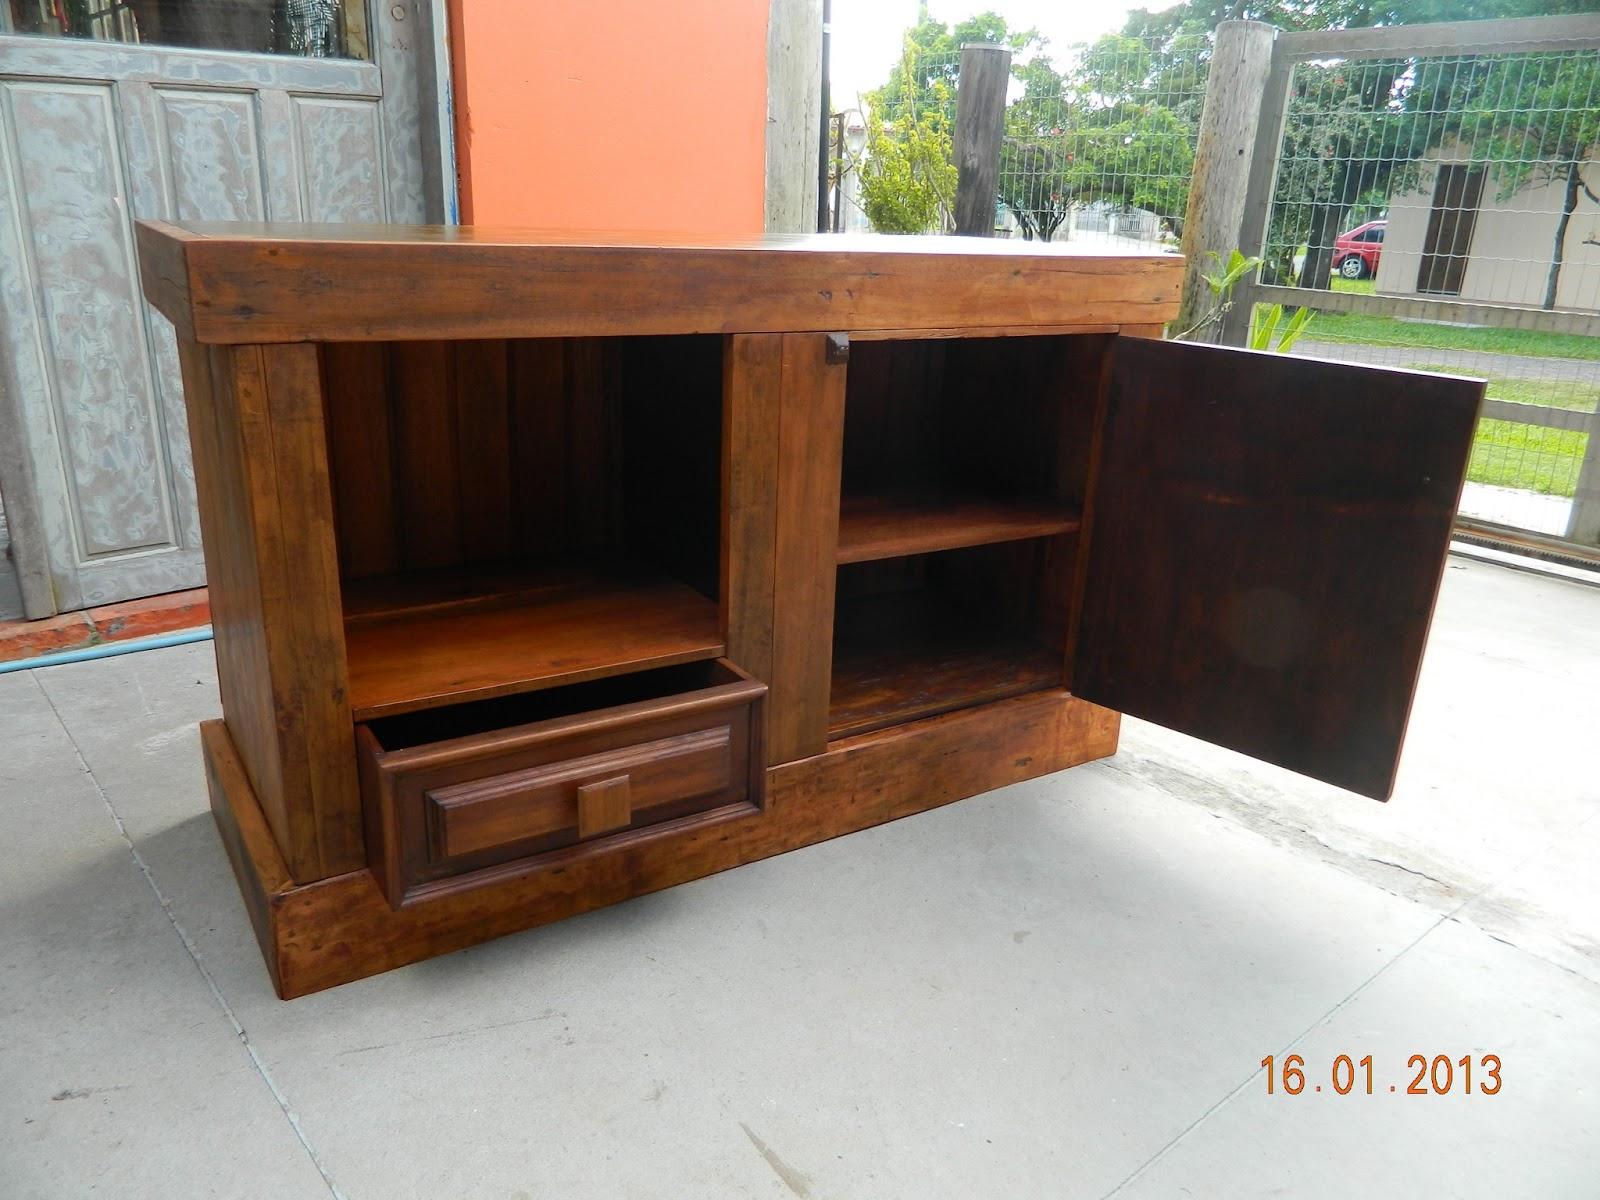 reciclando: Armário de banheiro com madeira de demolição #B44917 1600x1200 Banheiro Com Gabinete De Madeira